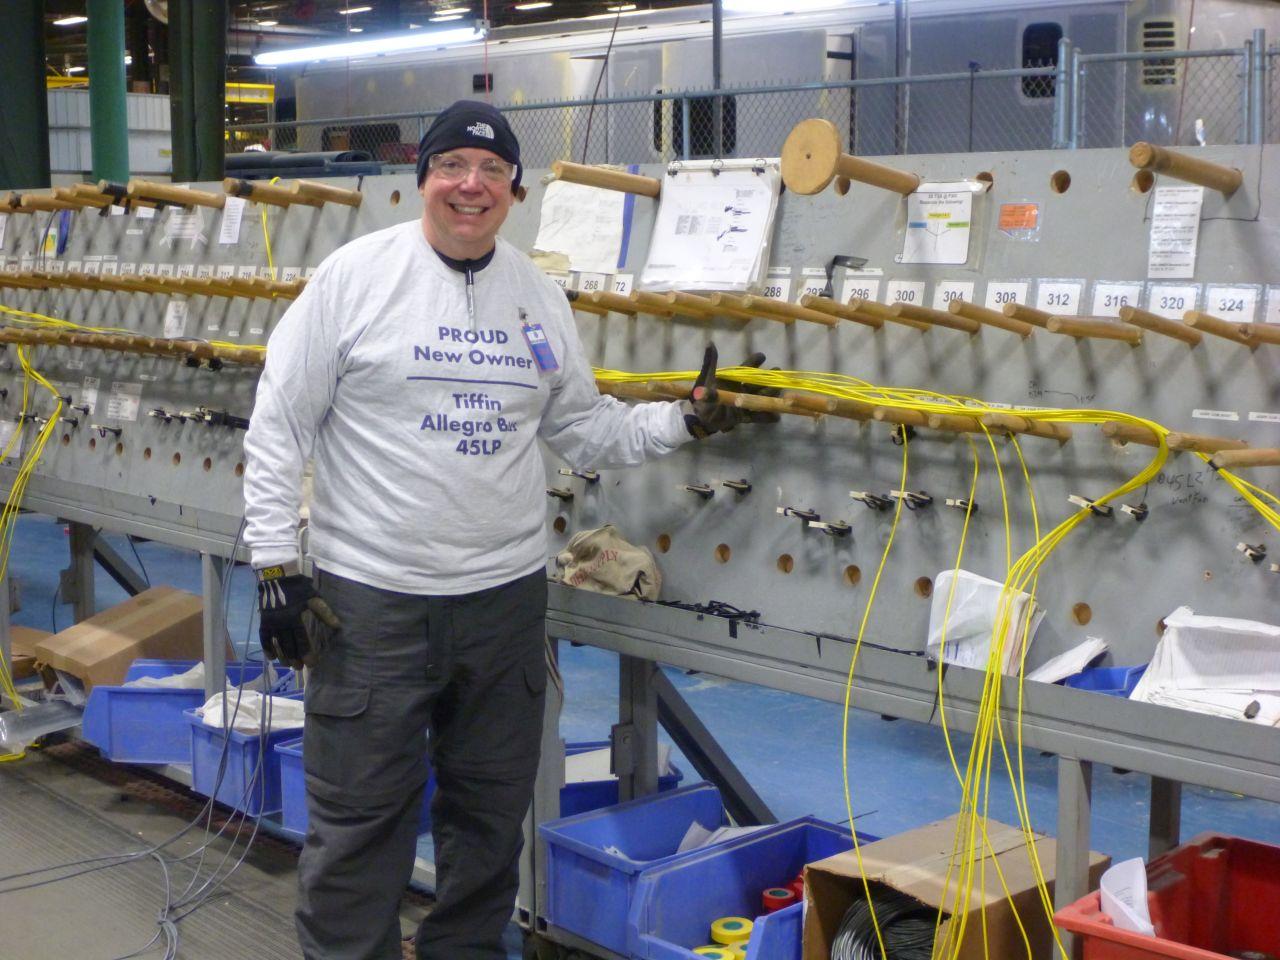 David At The Wiring Station